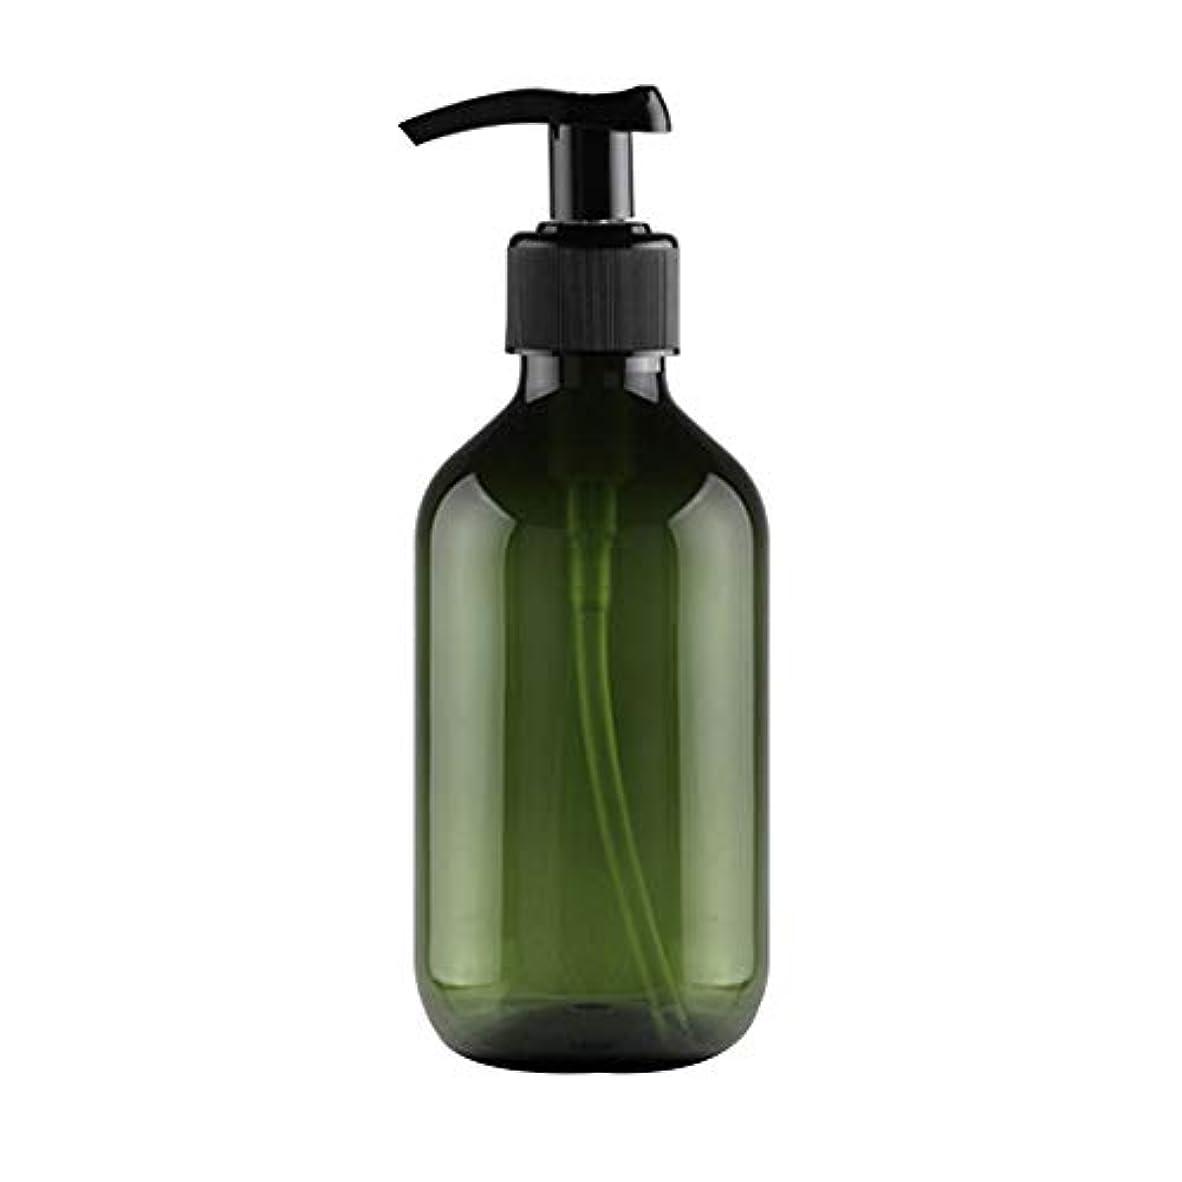 アルバムビルラベンダーVi.yo 小分けボトル ポンプボトル 押し式詰替用ボトル 携帯用 旅行 出張用 シャンプー 乳液など入り トラベルボトル 300ml ダークグリーン